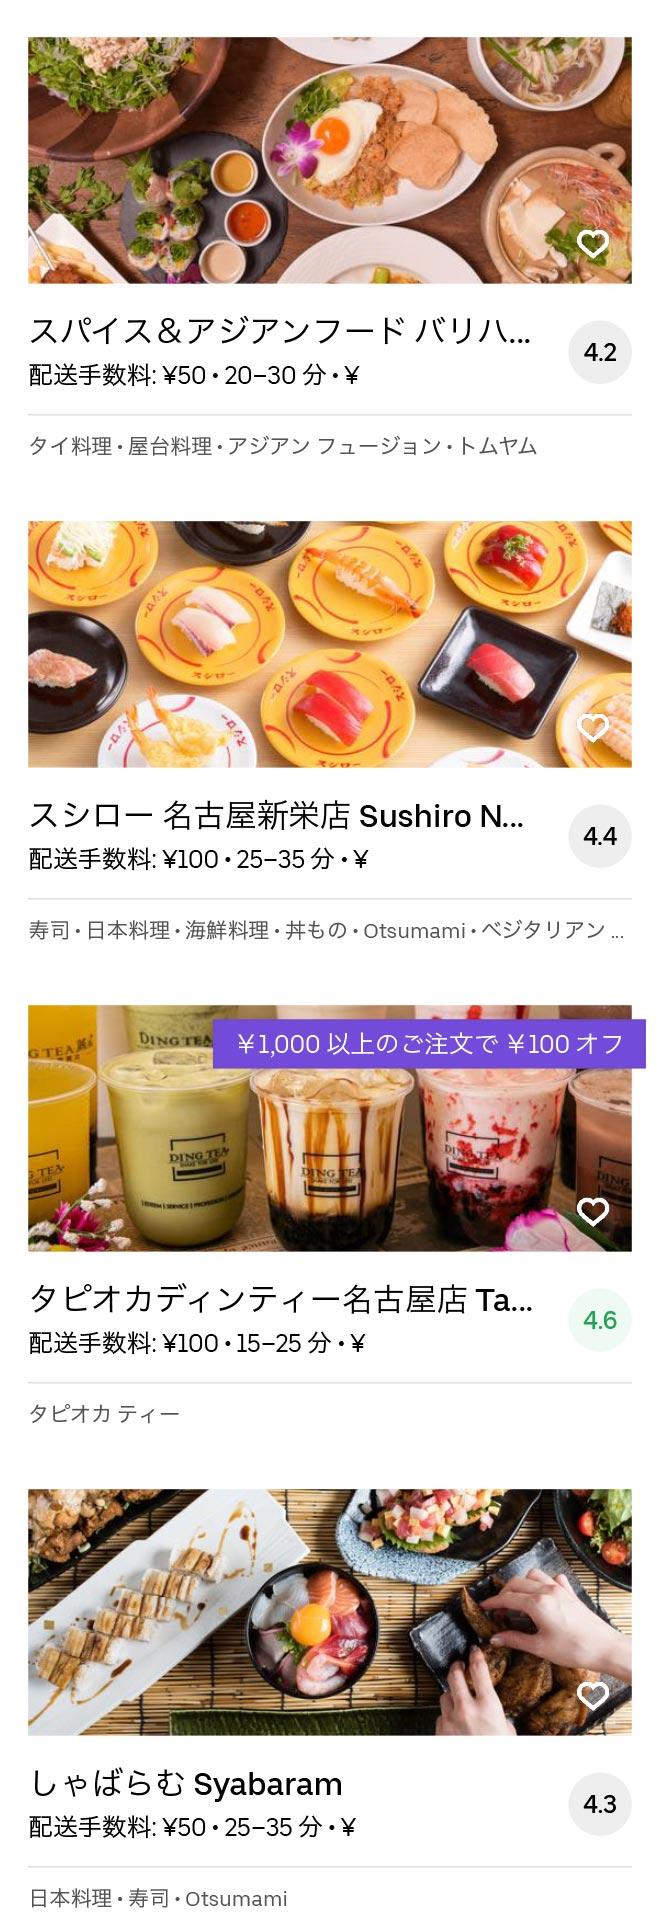 Nagoya sakae menu 2005 09